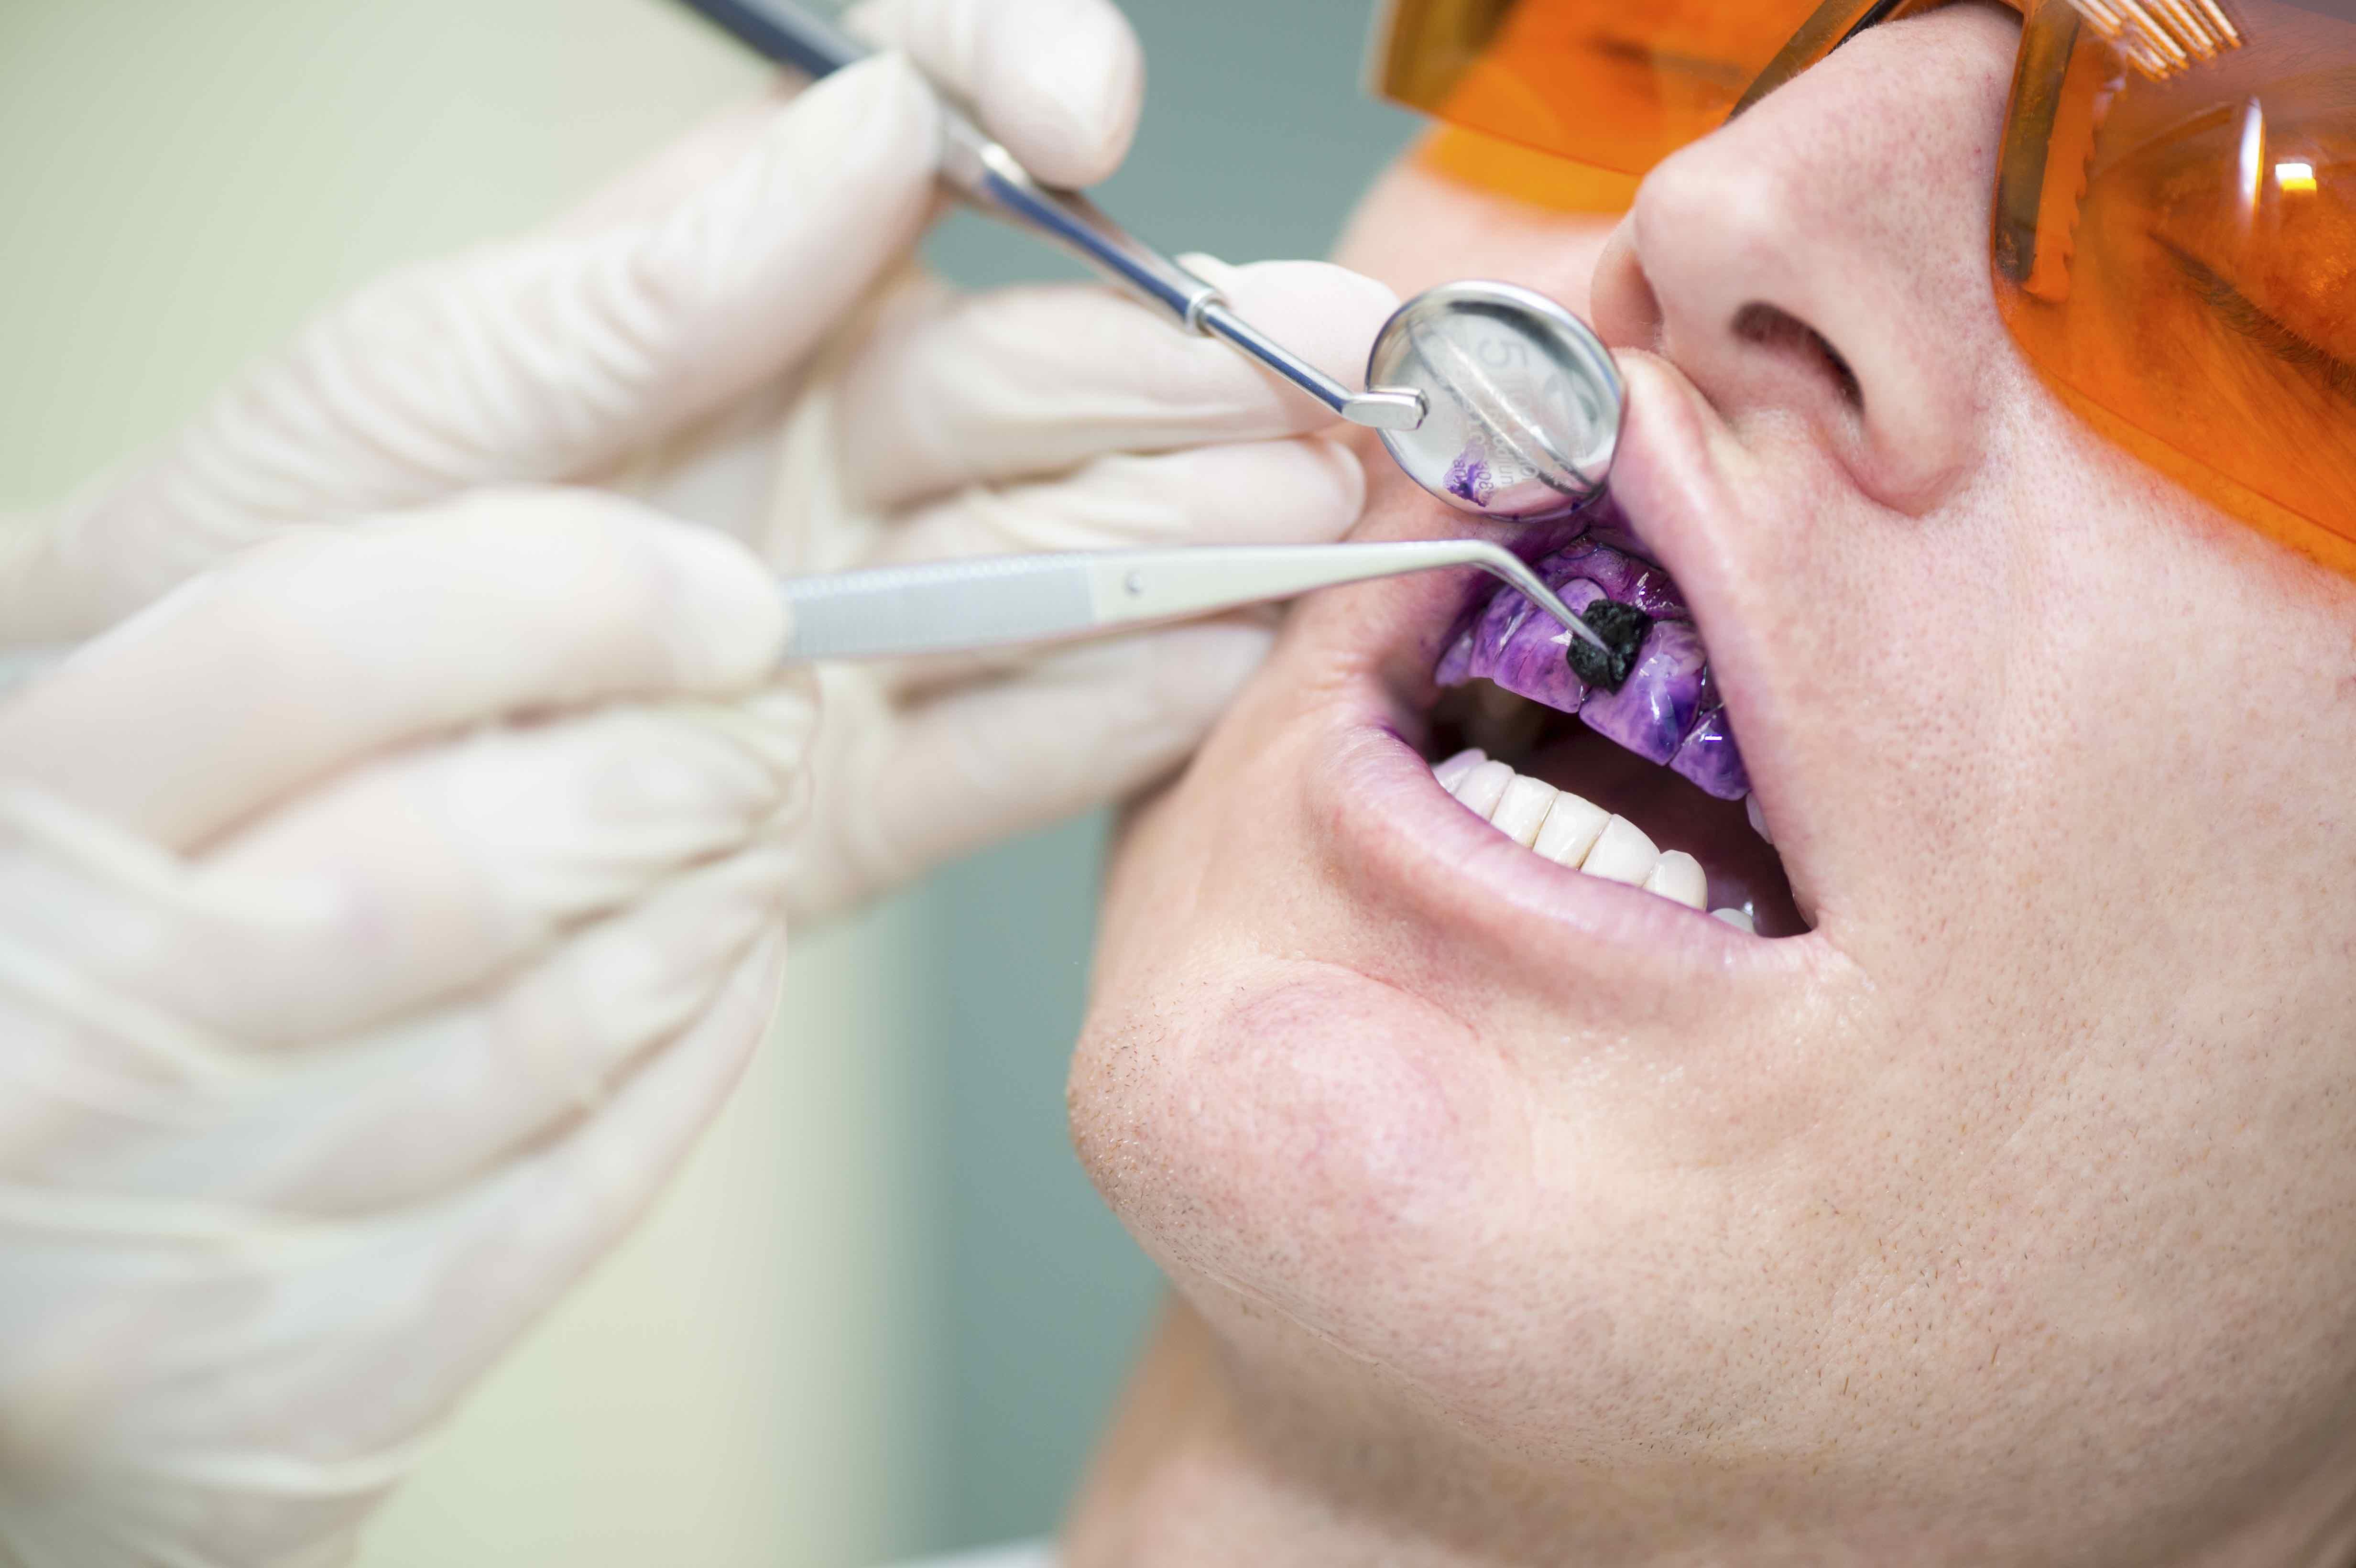 Mundhygiene Biofilm Management bei Anwendung